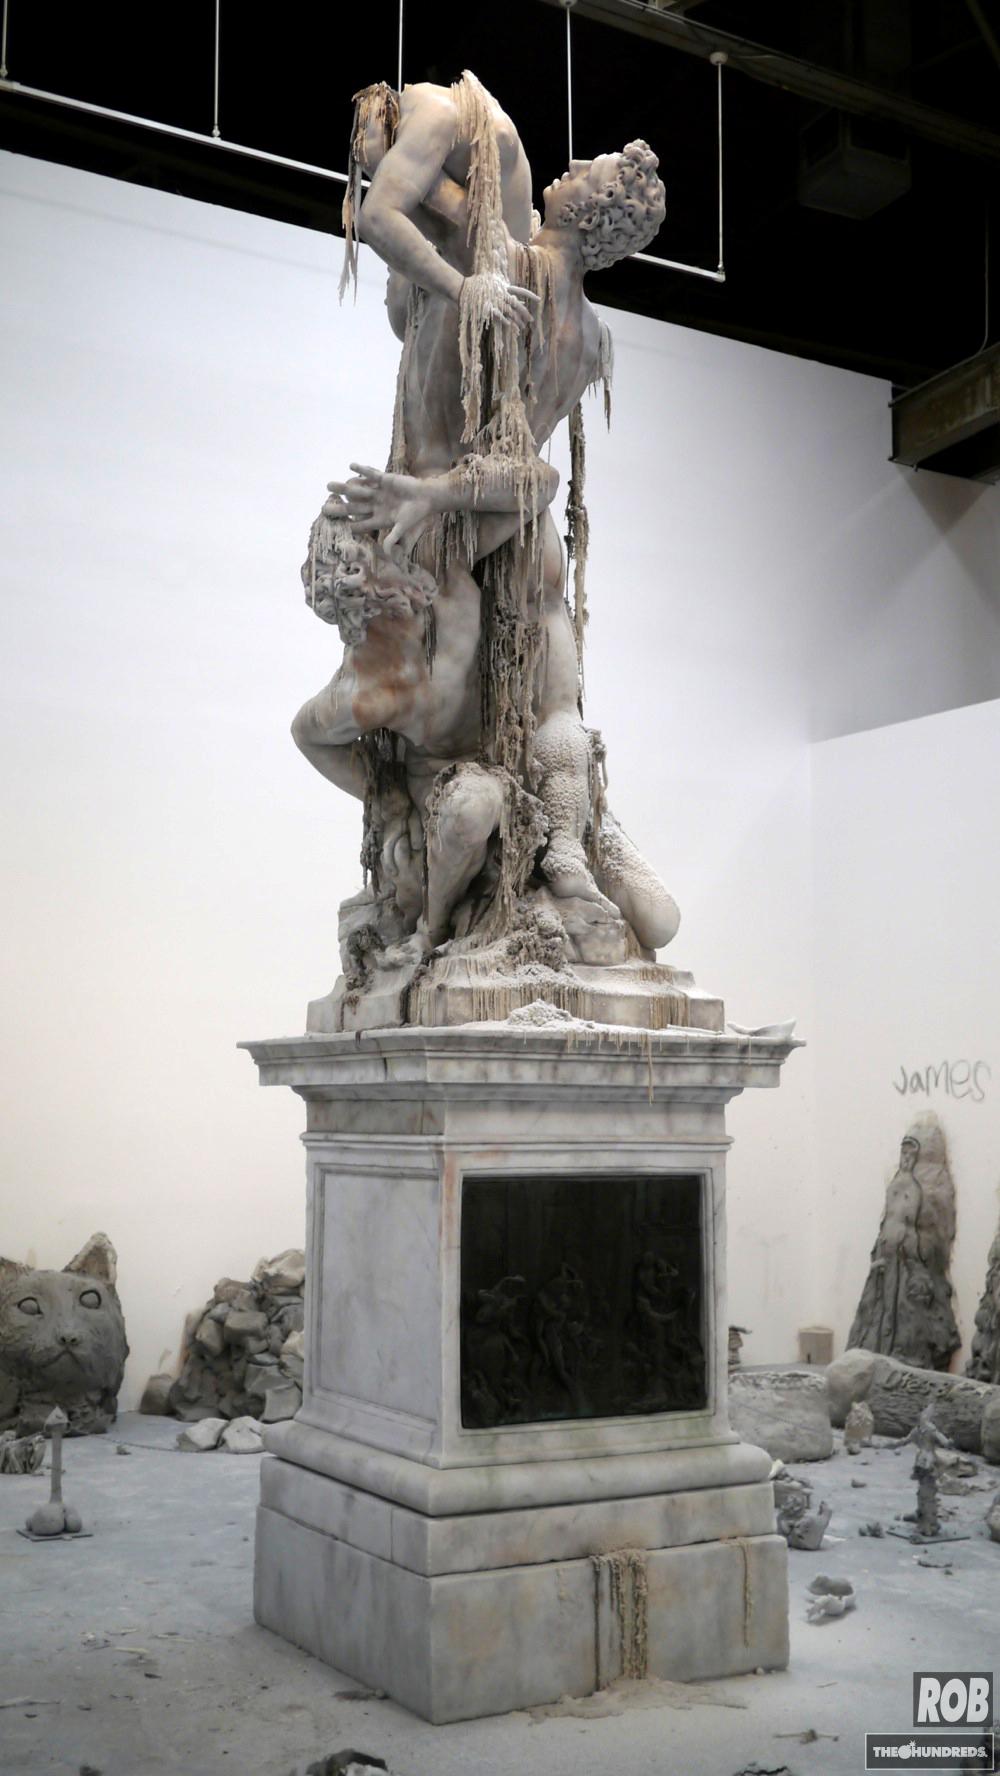 urs fischer wax statue moca